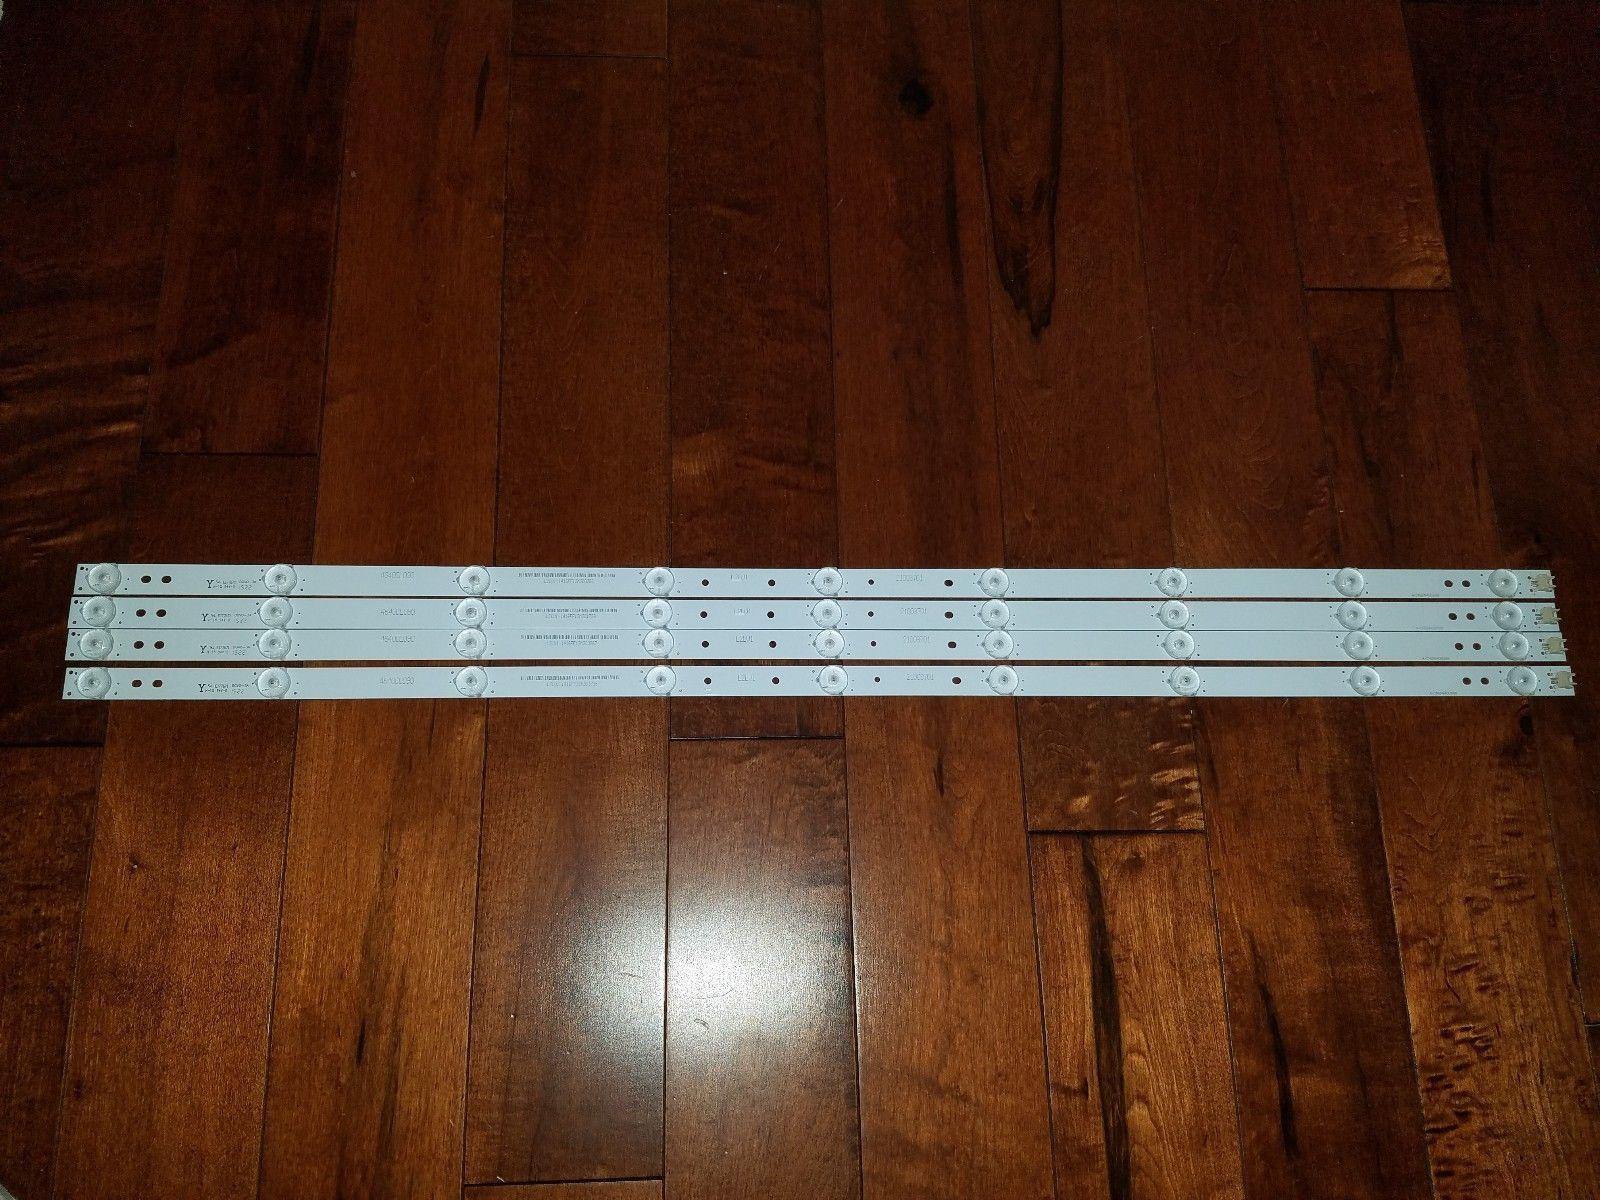 Westinghouse WD40FX1170 LED Strip Set (4) A-CNBW40D598